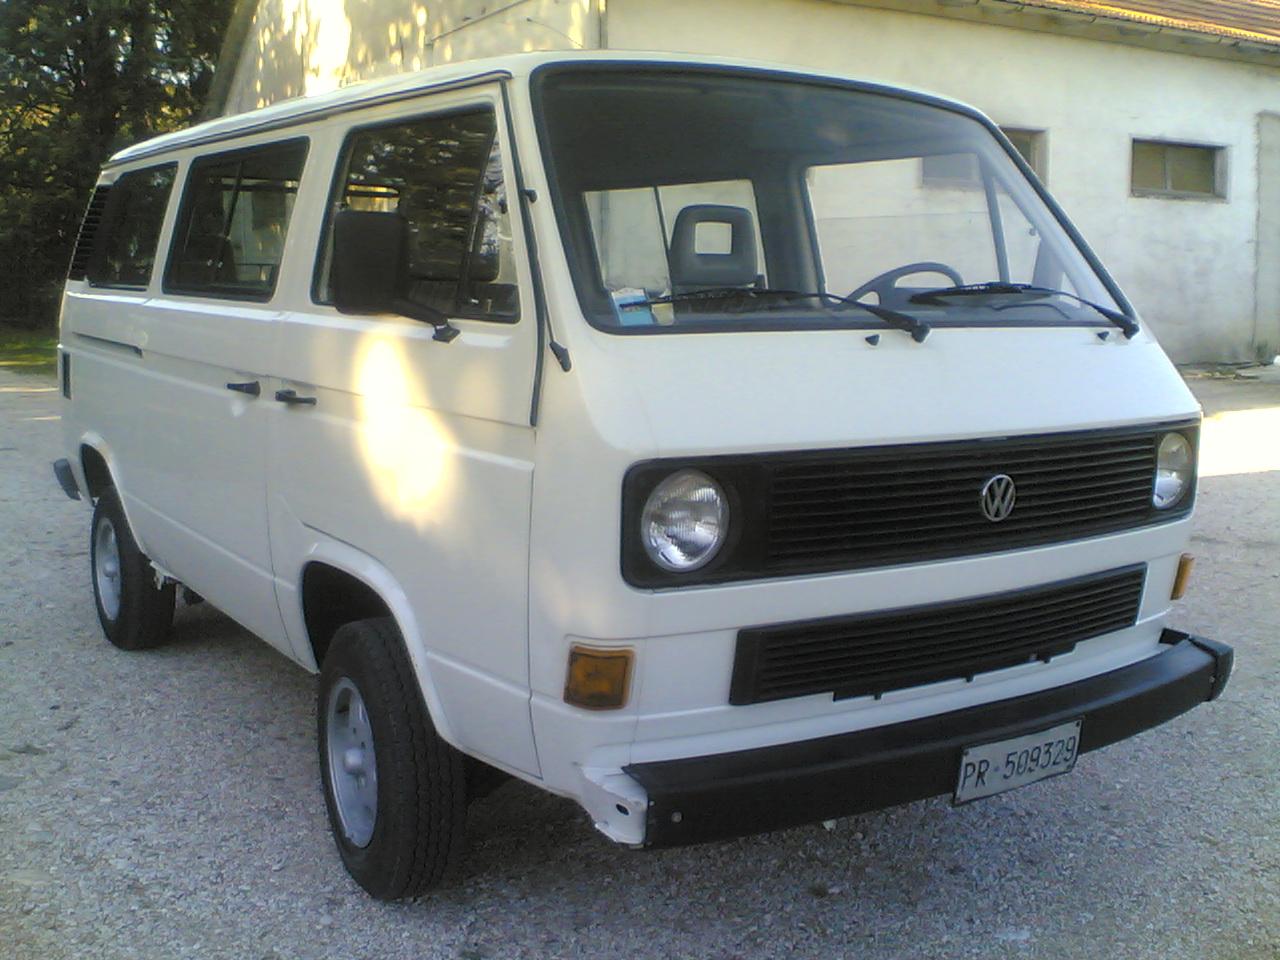 cancellato vendo vw volkswagen t3 syncro multivan 4x4 59474. Black Bedroom Furniture Sets. Home Design Ideas